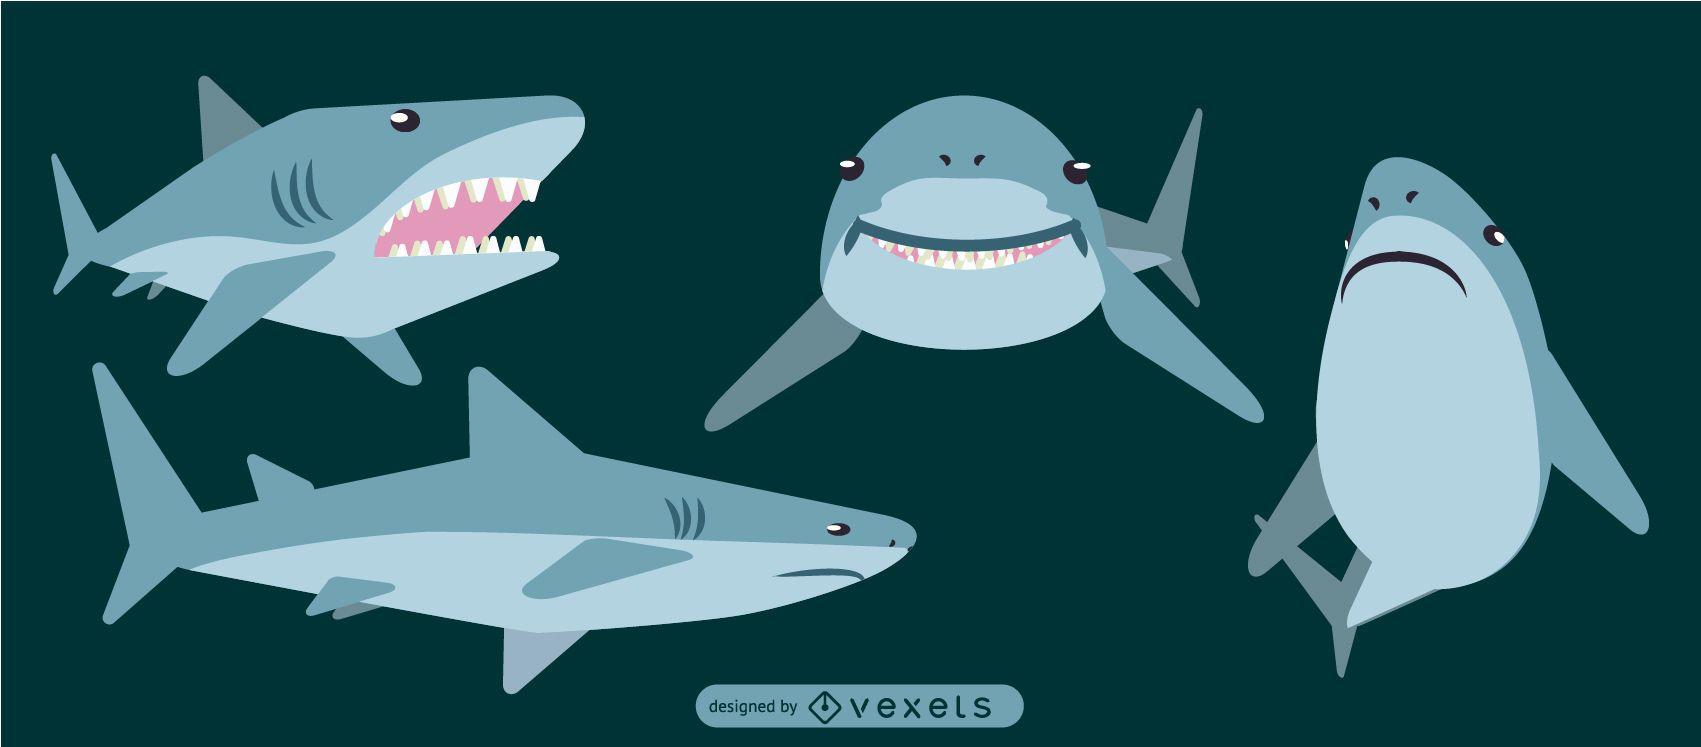 Diseño geométrico plano redondeado de tiburón